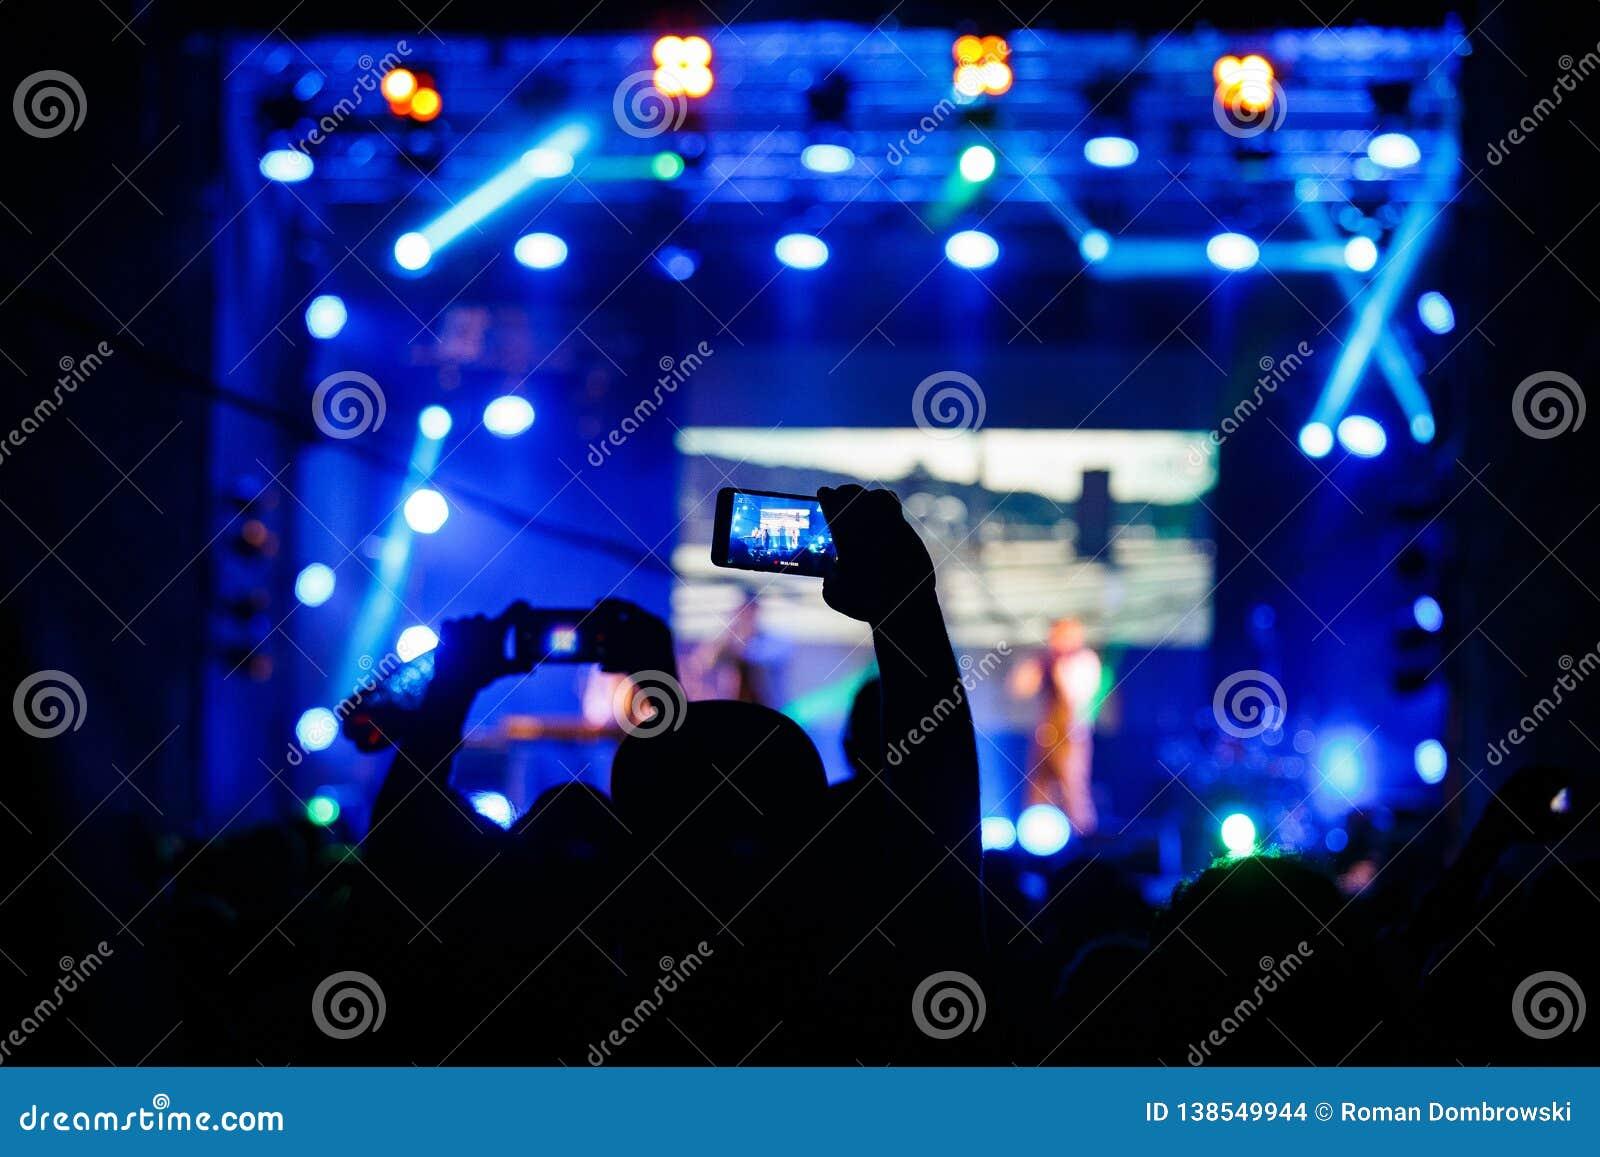 Folk på konsertskyttevideoen eller fotoet